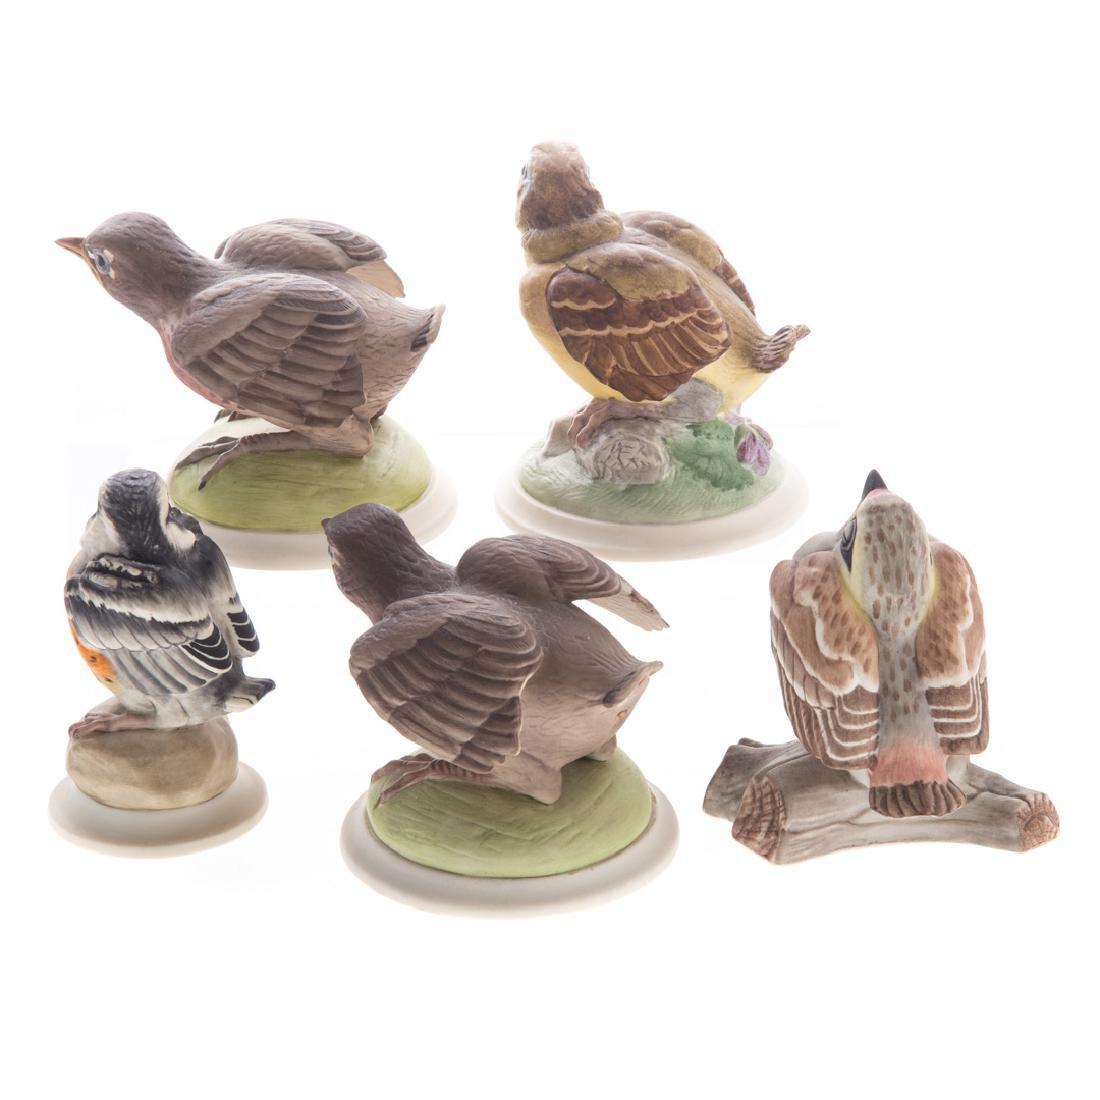 Five Boehm bisque baby/fledgling birds - 2